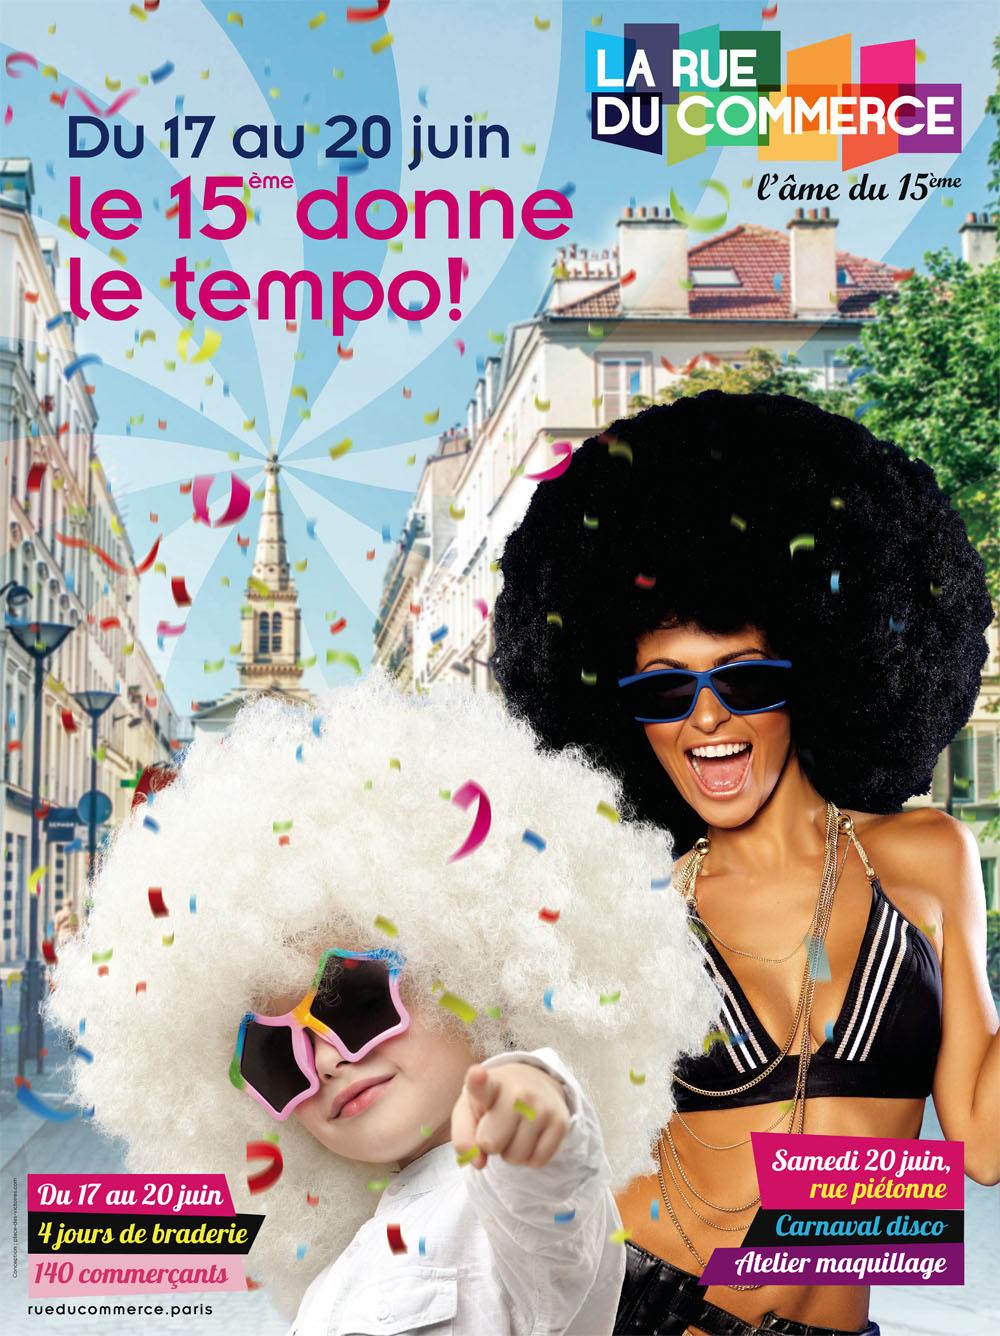 Place des Victoires Communication - Rue du Commerce - Publicité affiche carnaval